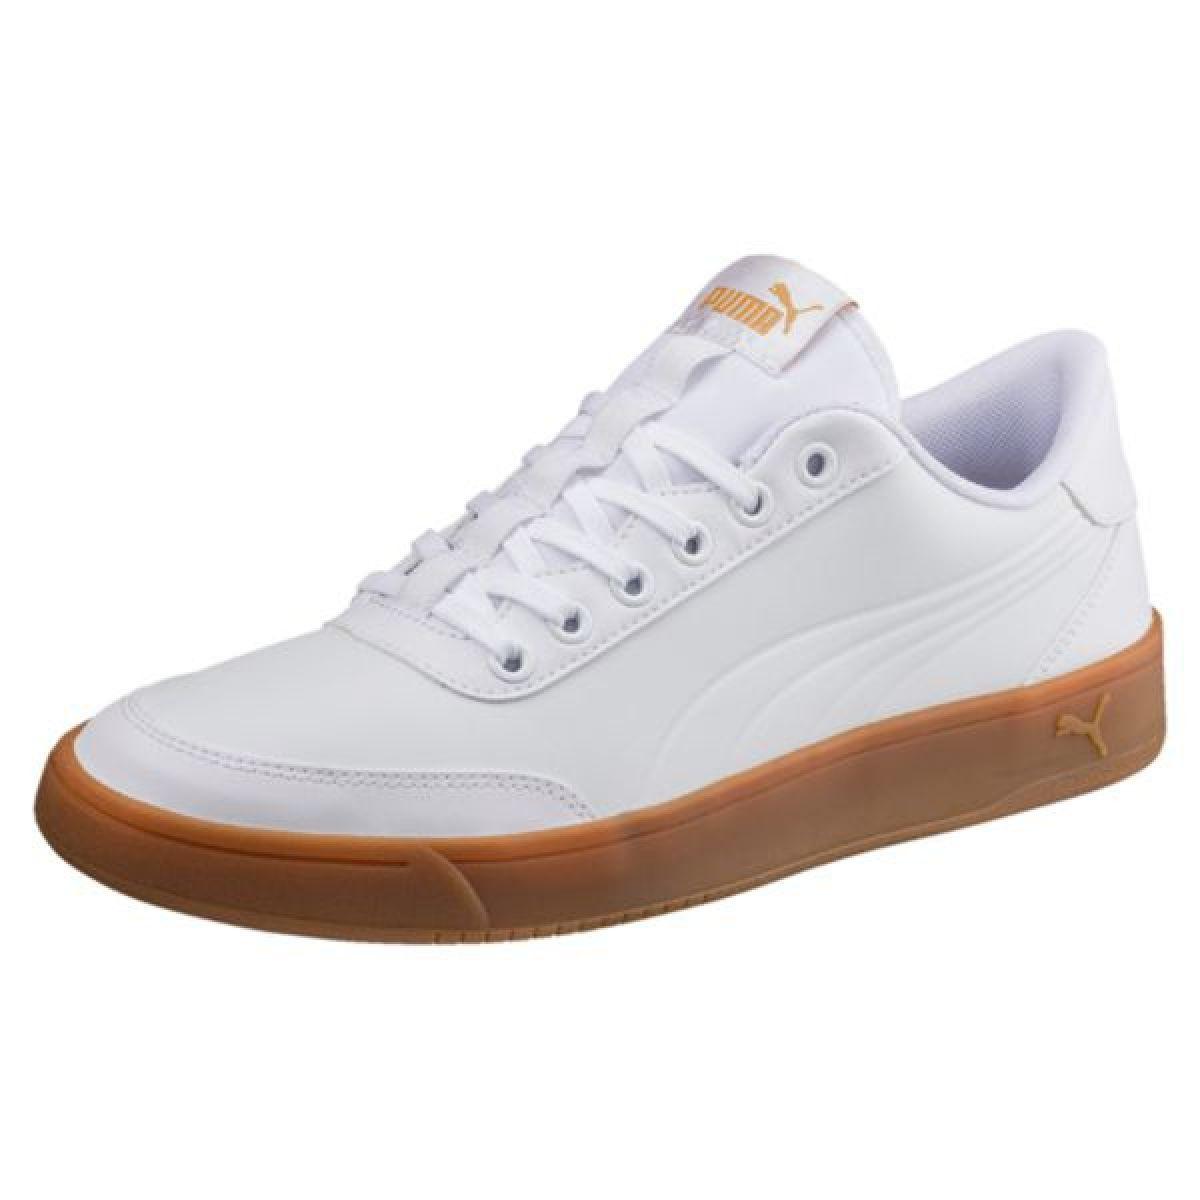 M Mono 364976 Chaussures Blanc 04 Puma Breaker L Court OkuTXiwPZ